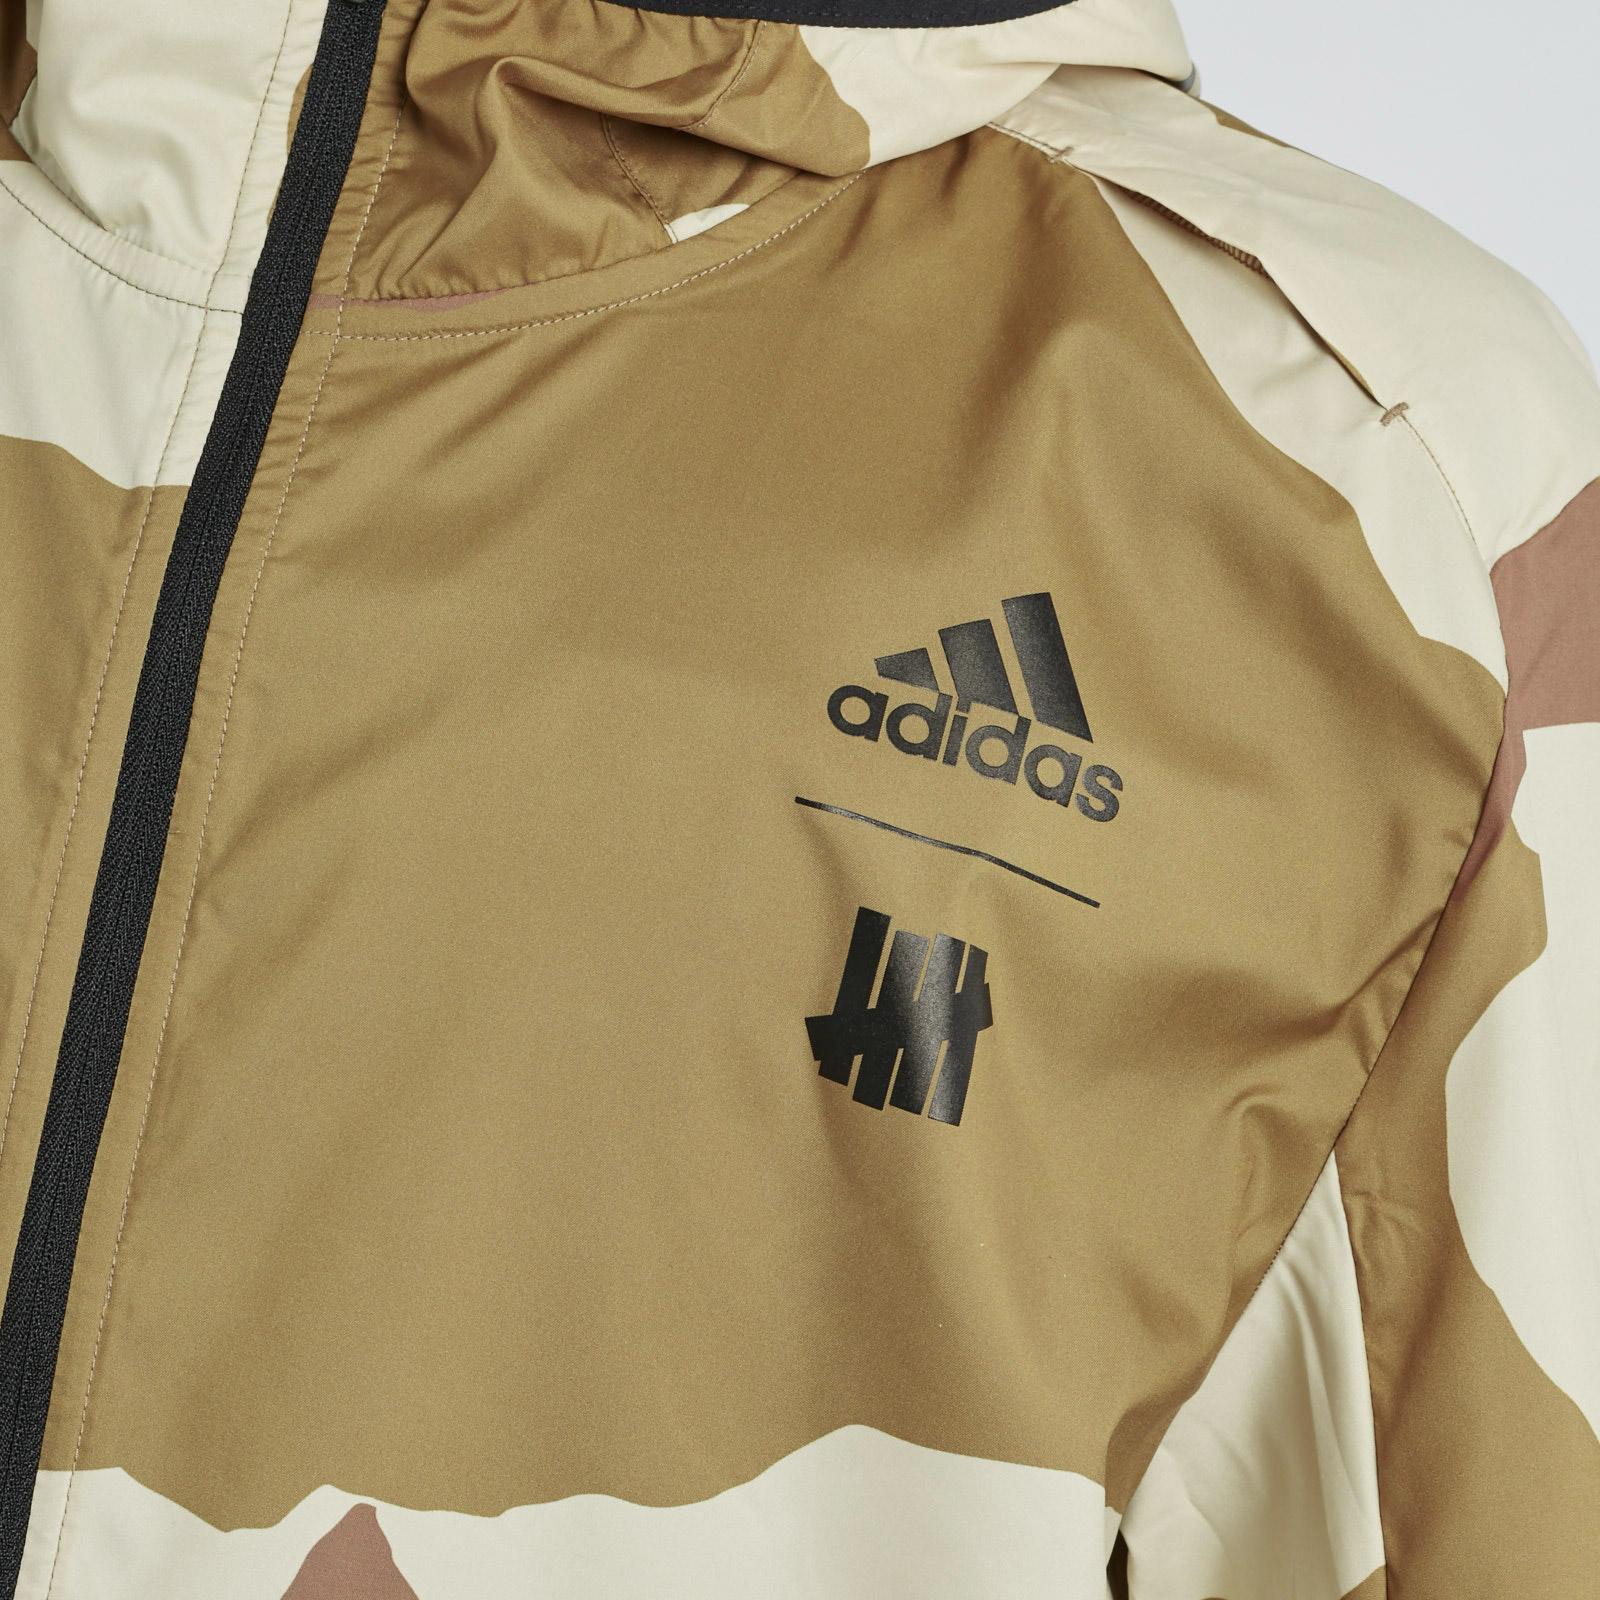 adidas RS Wind Jacket Ltd x UNDFTD Cz5947 Sneakersnstuff